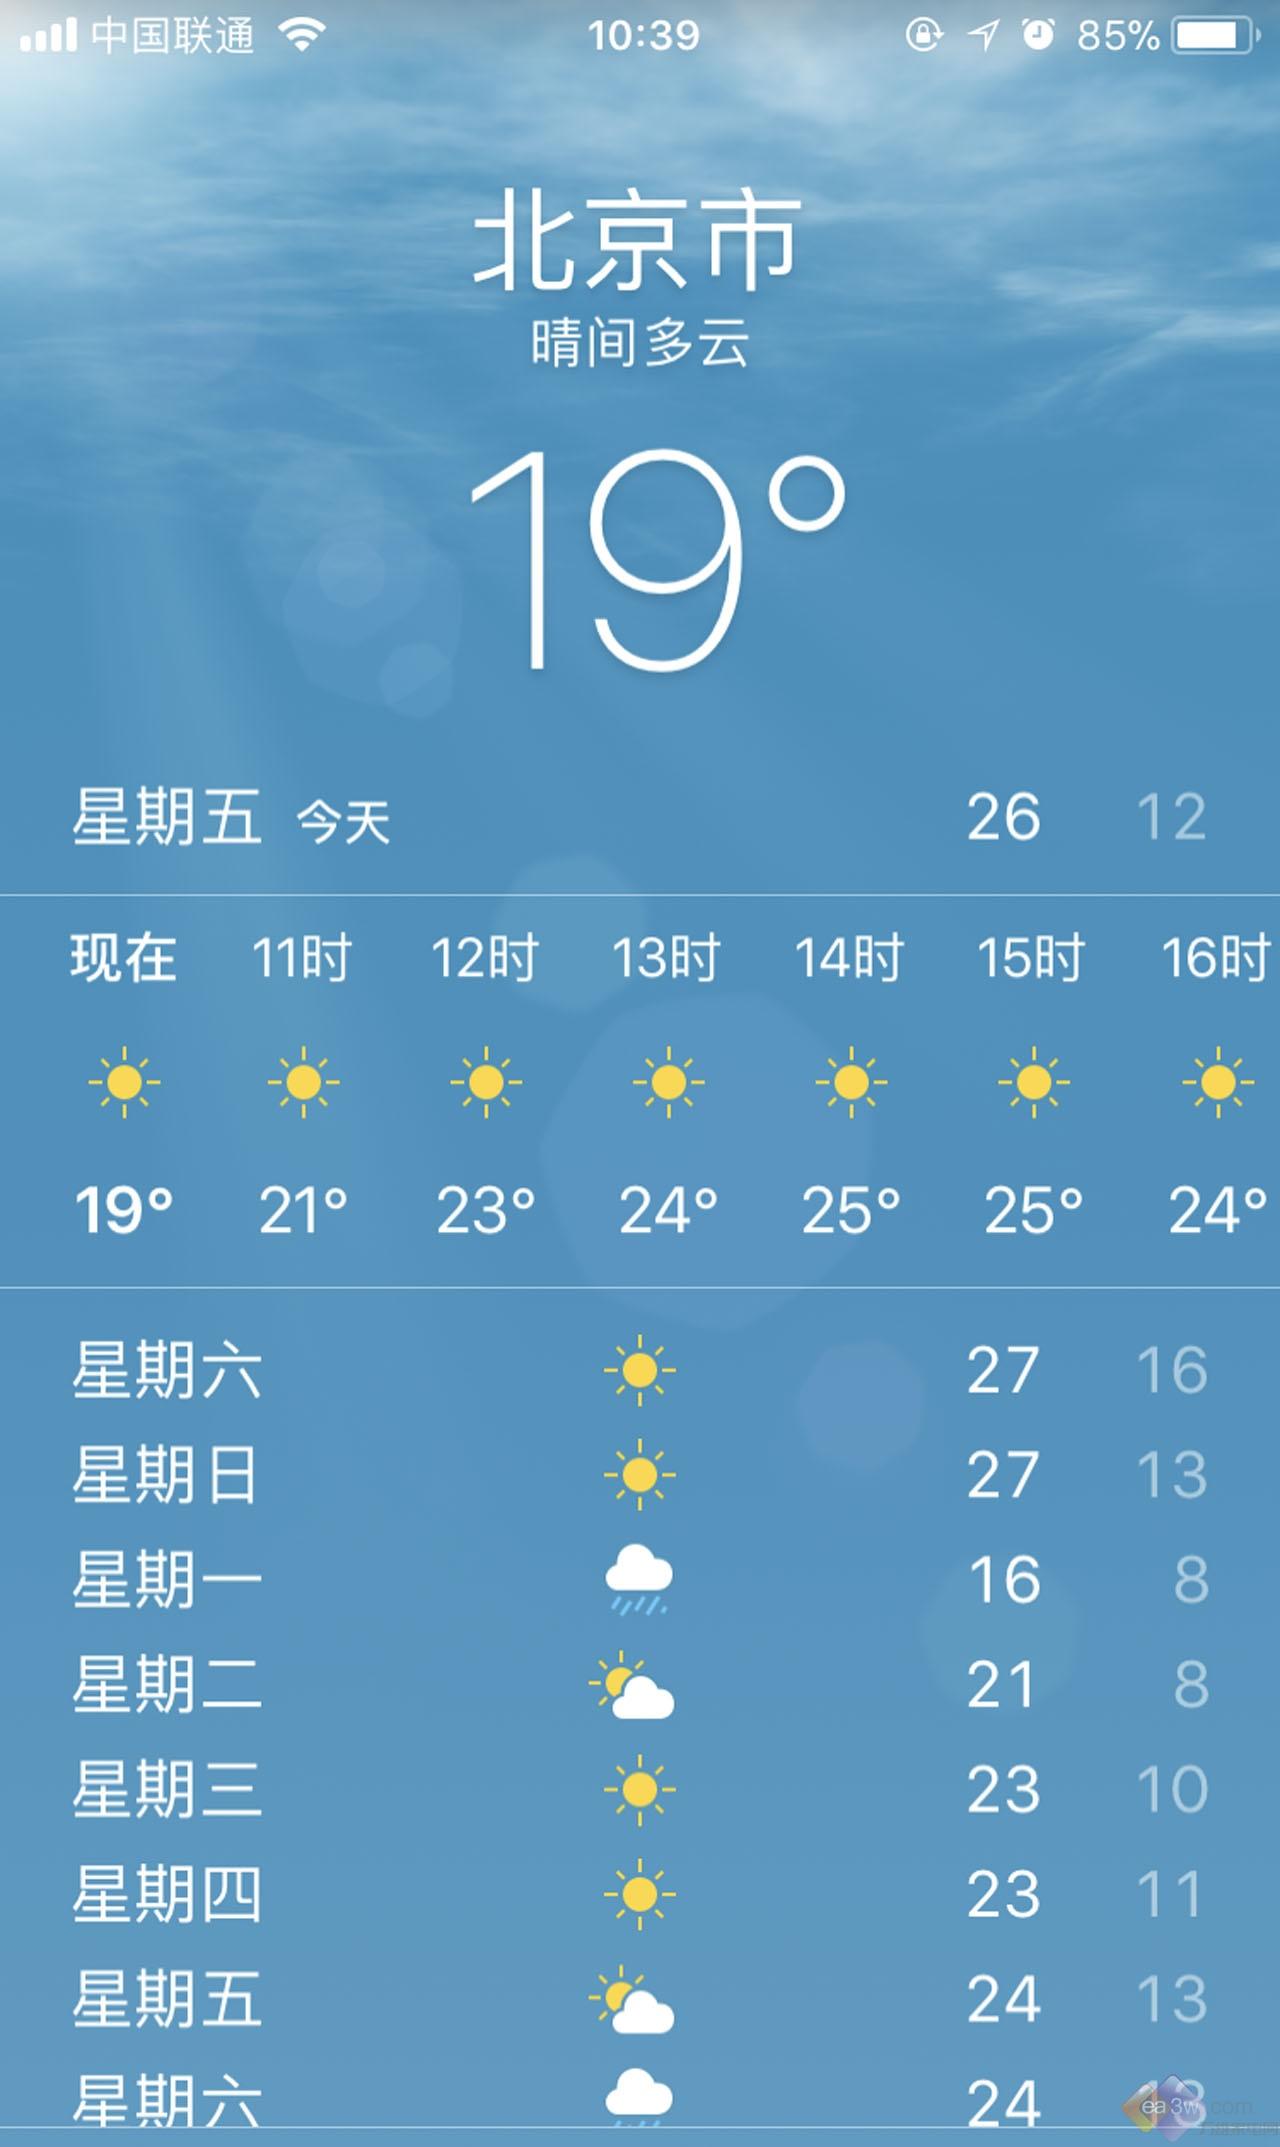 国庆长假遇降温,TCL冰洗带你7天疯狂畅游